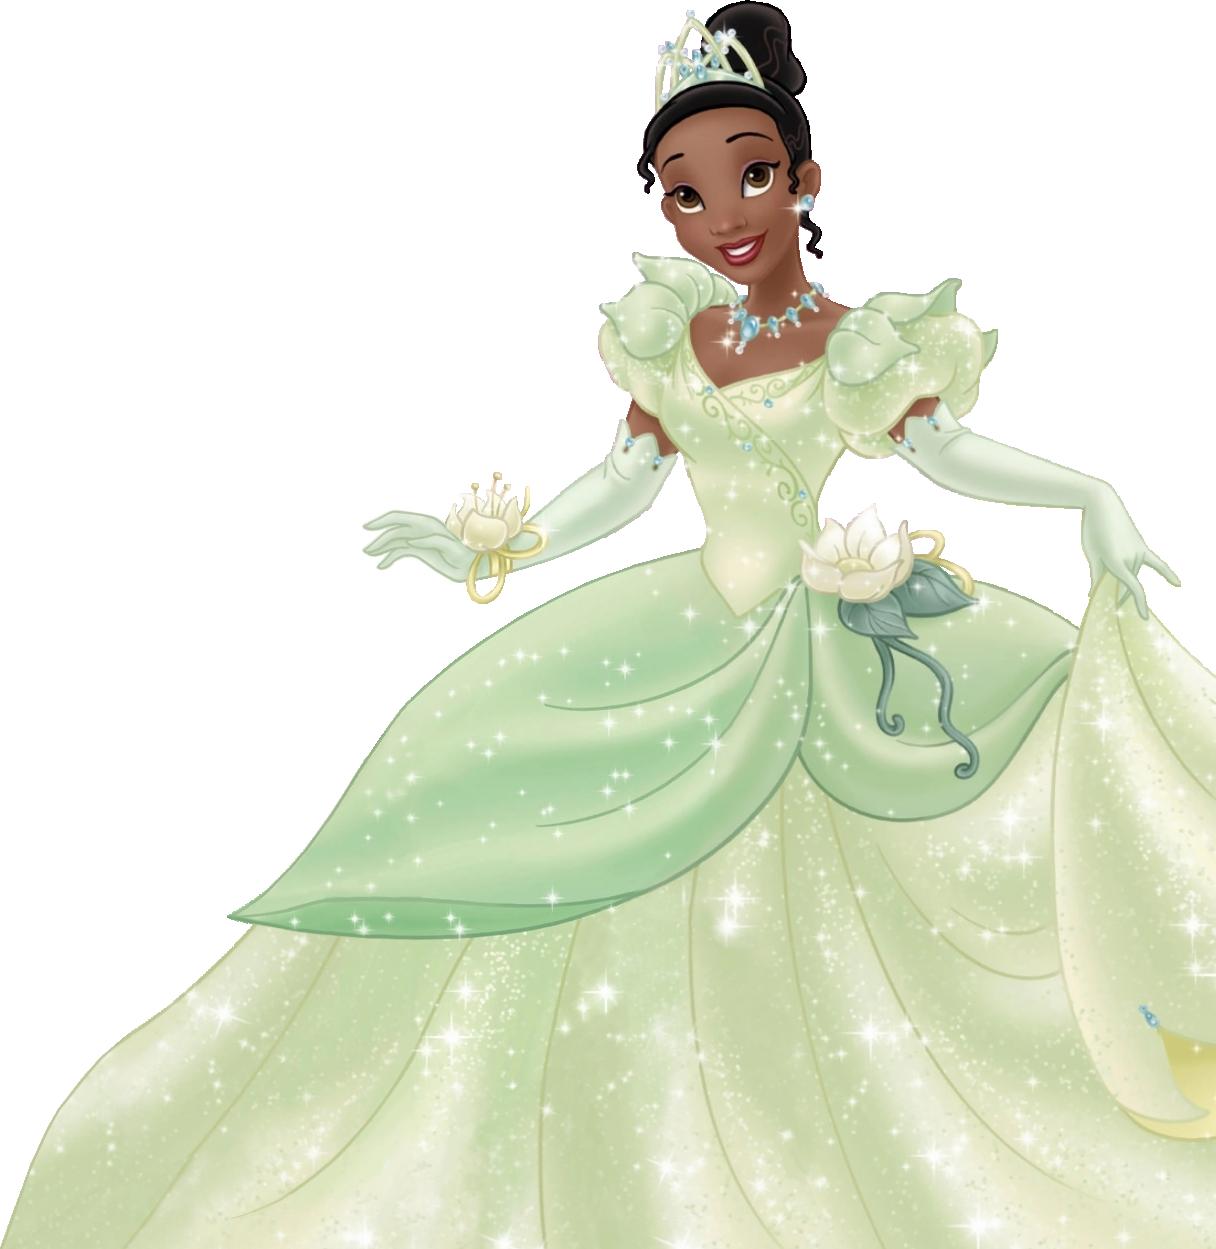 Princess tiana vids images 83